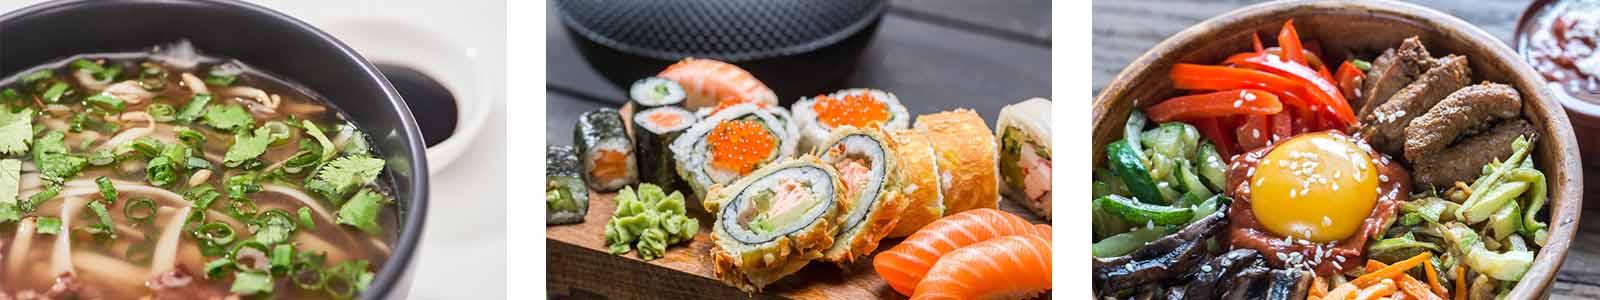 food_as